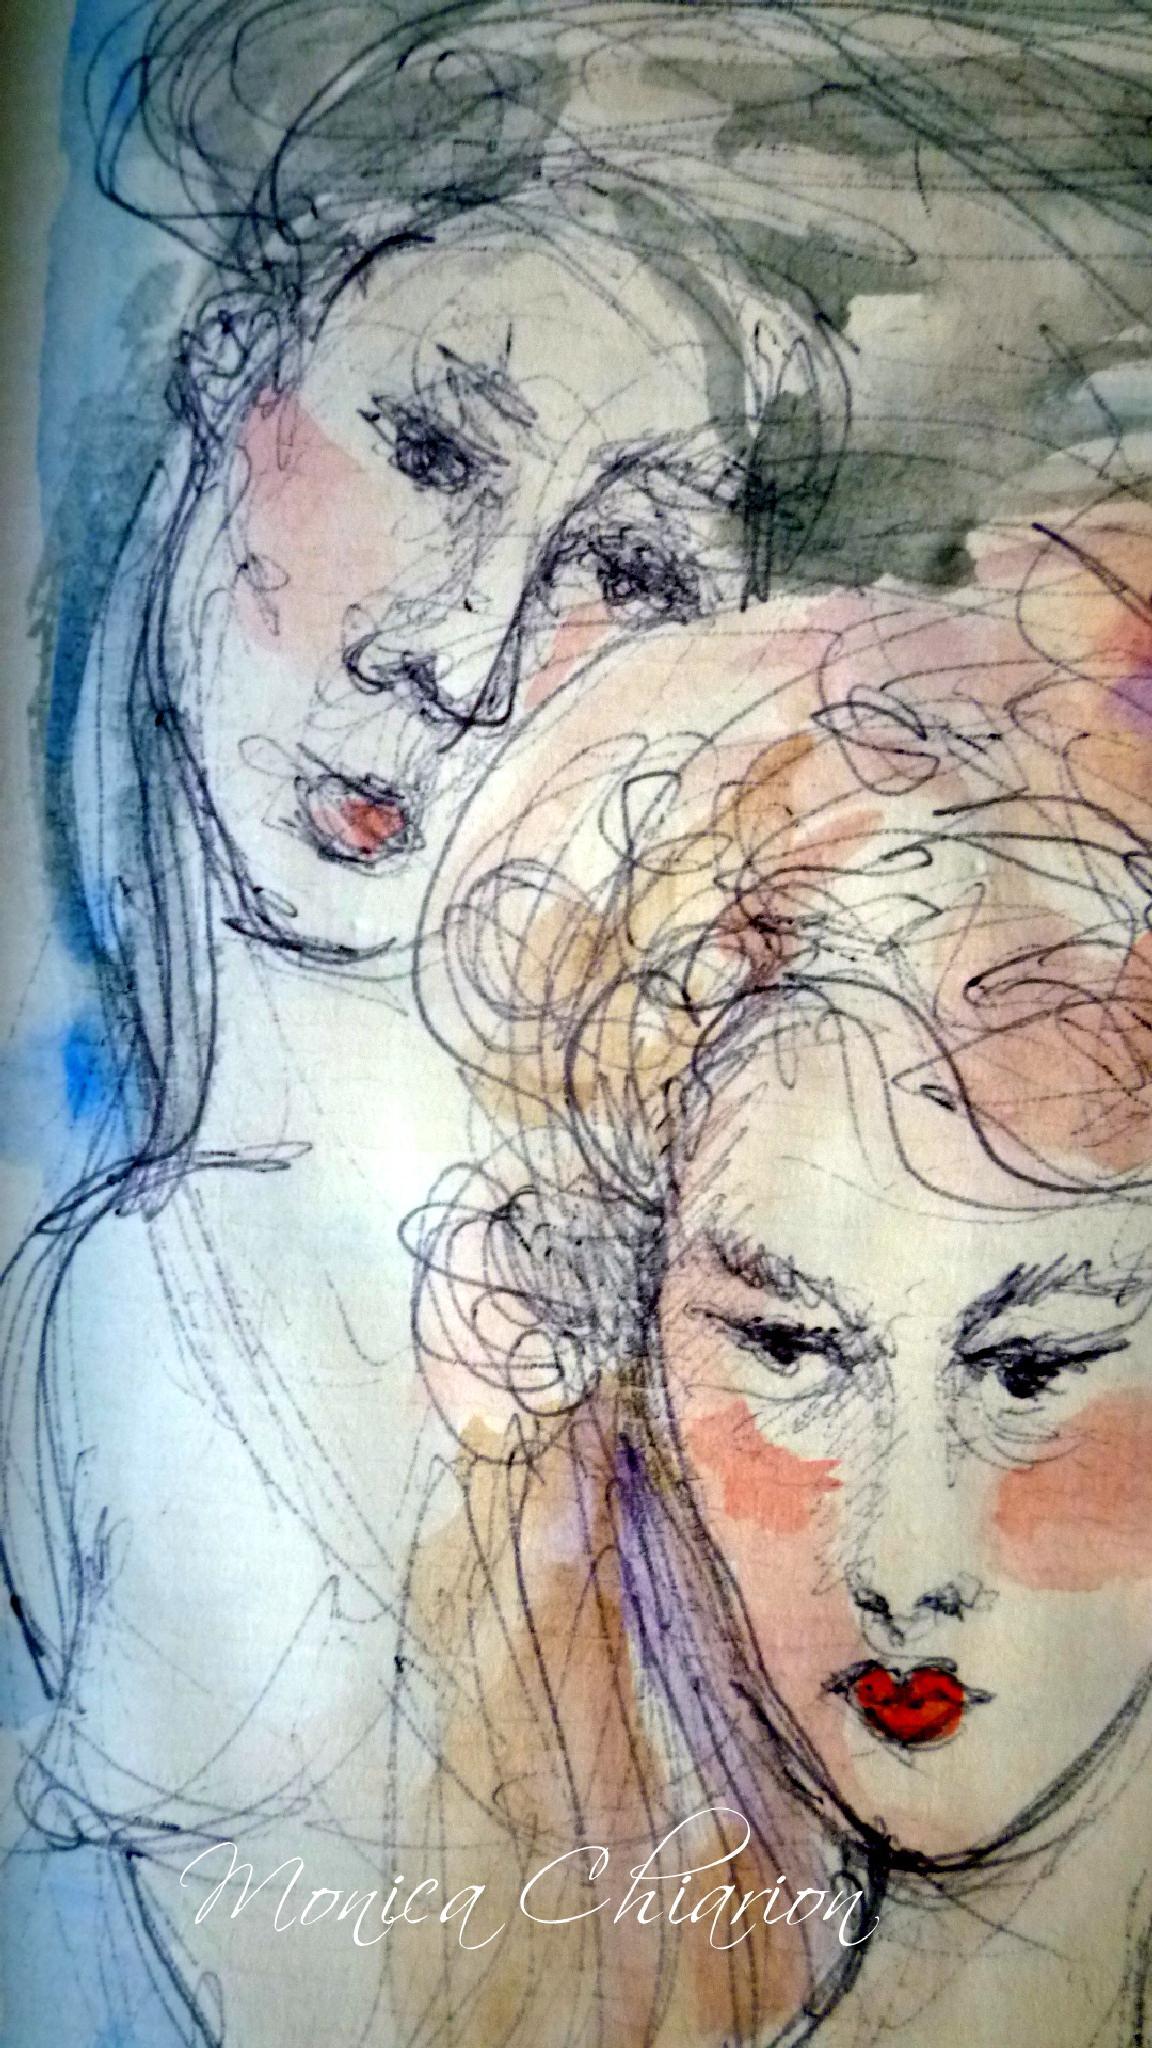 Volti by Monica Chiarion